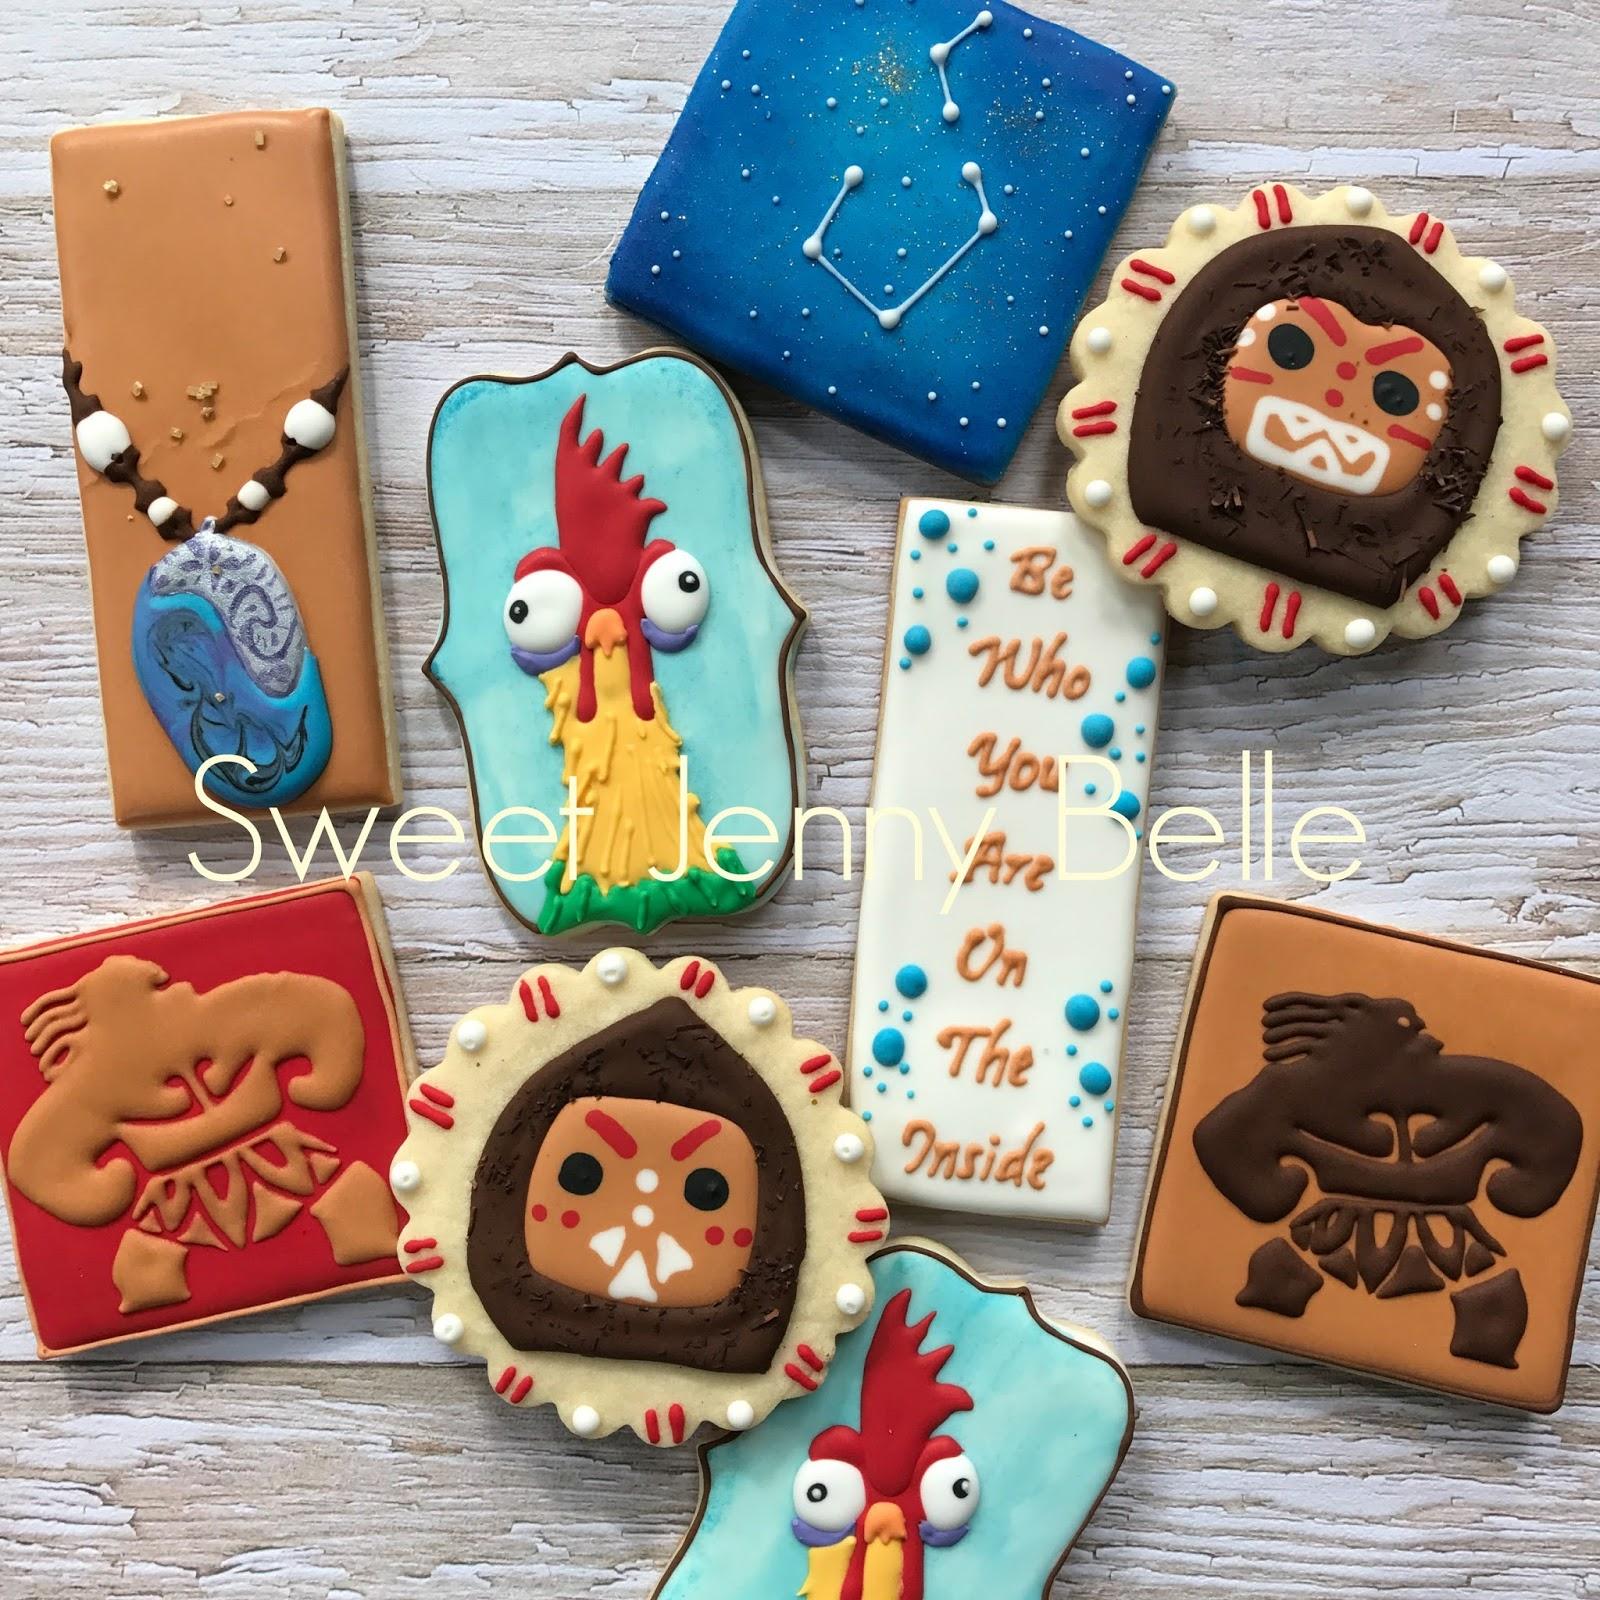 Batman Cookie Tutorial   Sweet Jenny Belle - easy sugar cookie ...